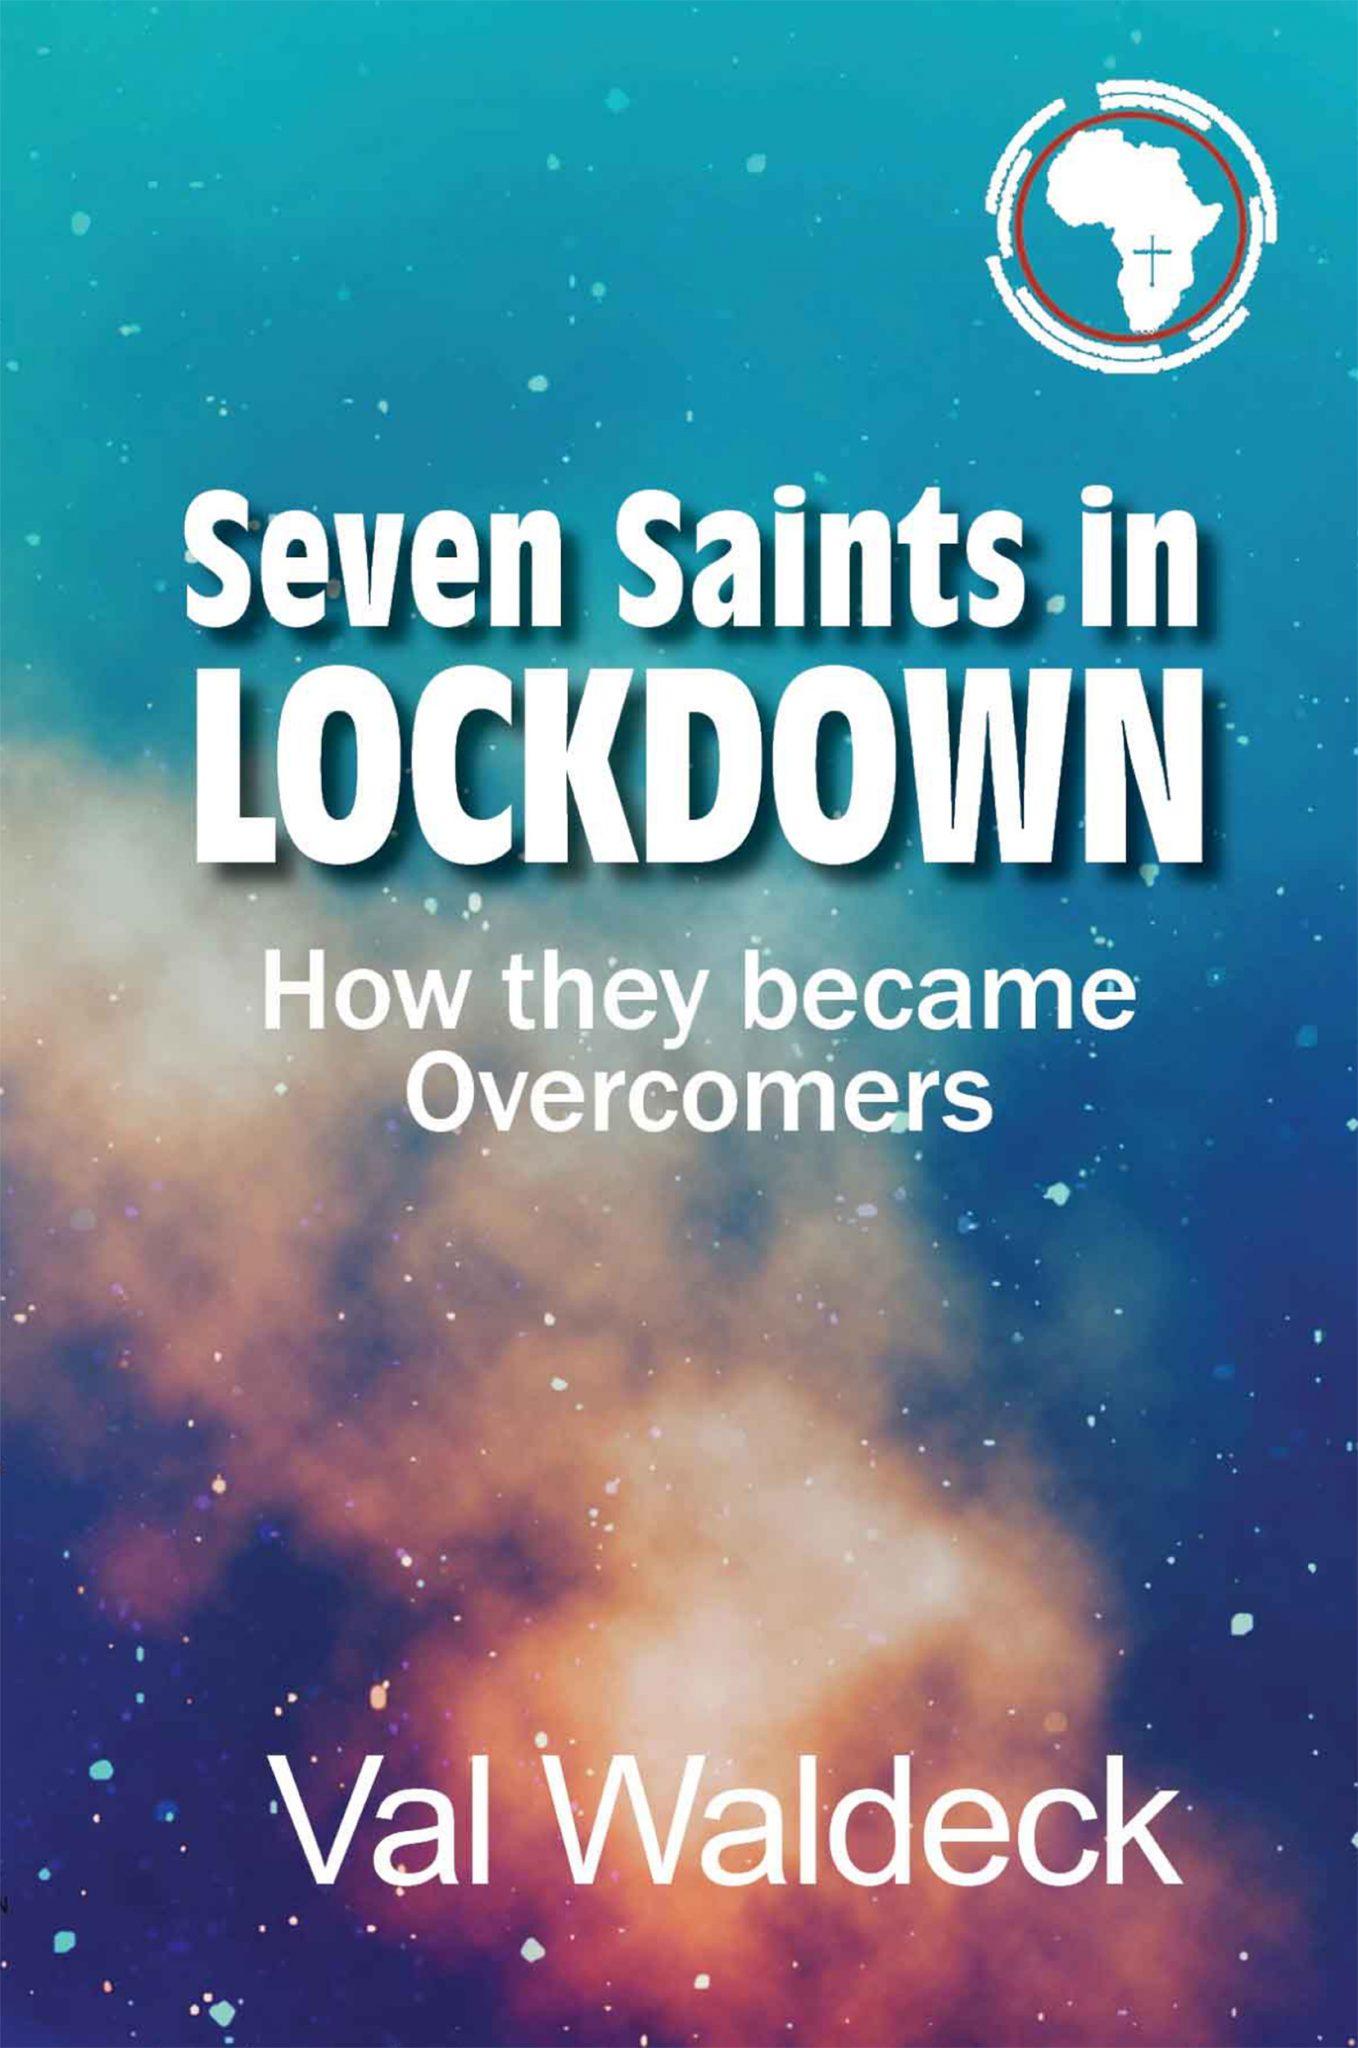 Seven Saints in Lockdown Image